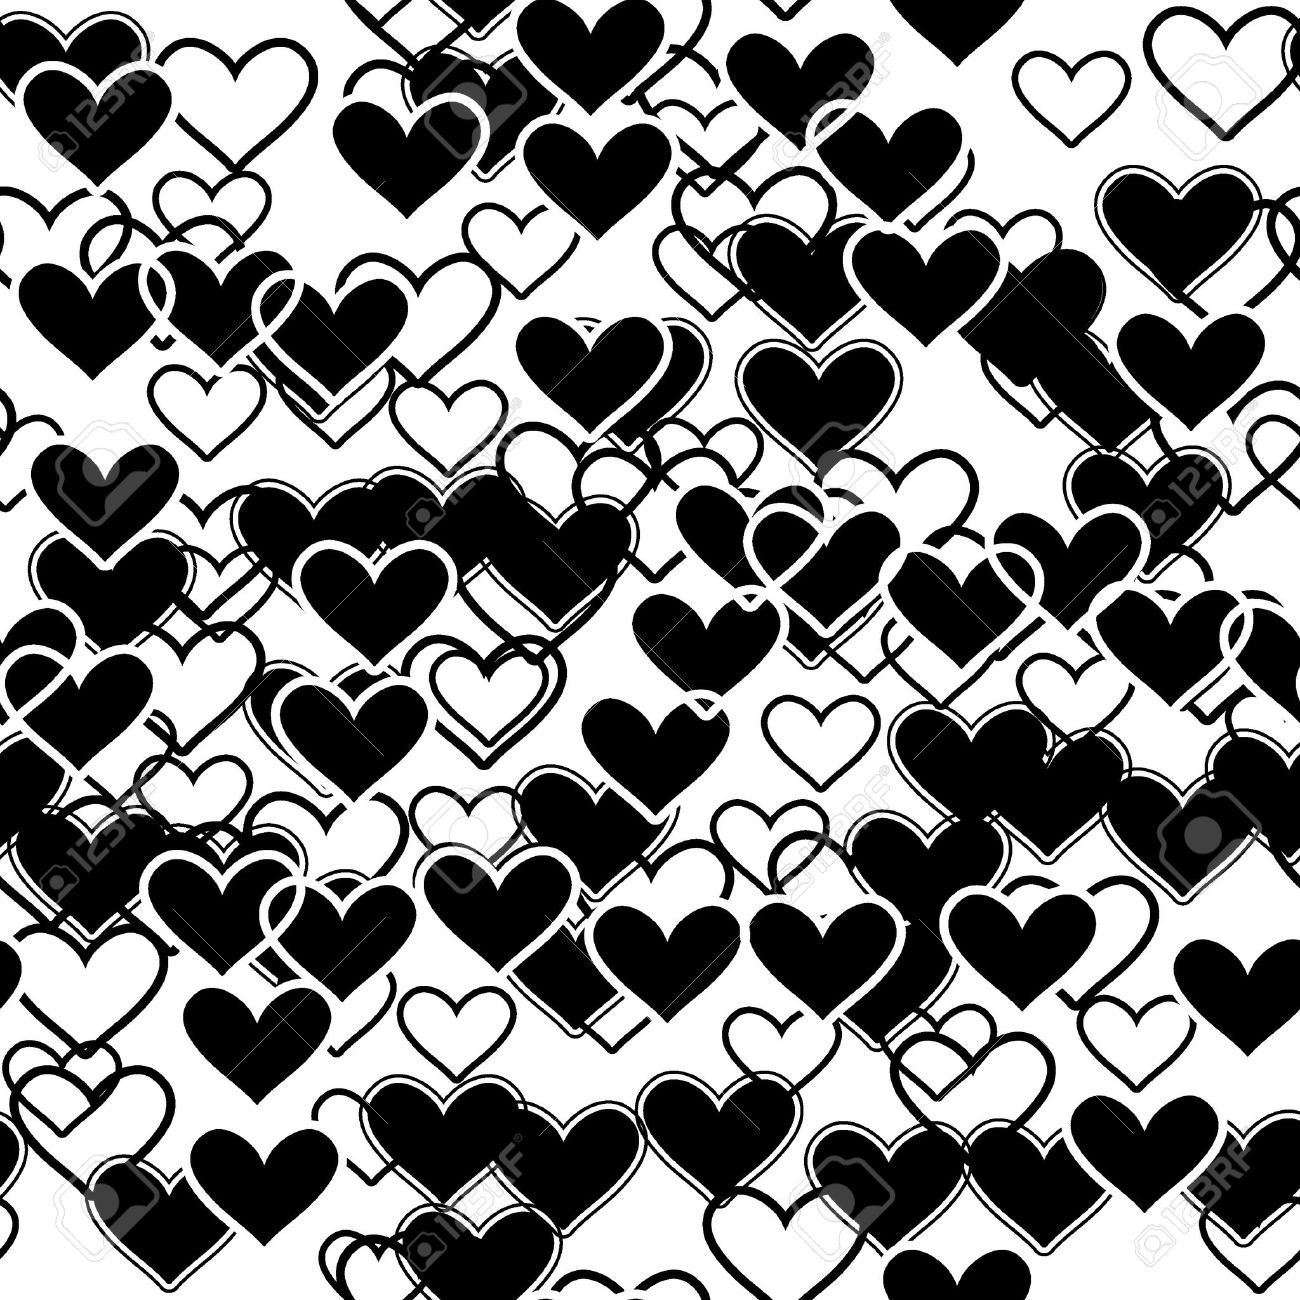 Papel decorativo blanco y negro de corazones buscar con for Papel pintado blanco y negro